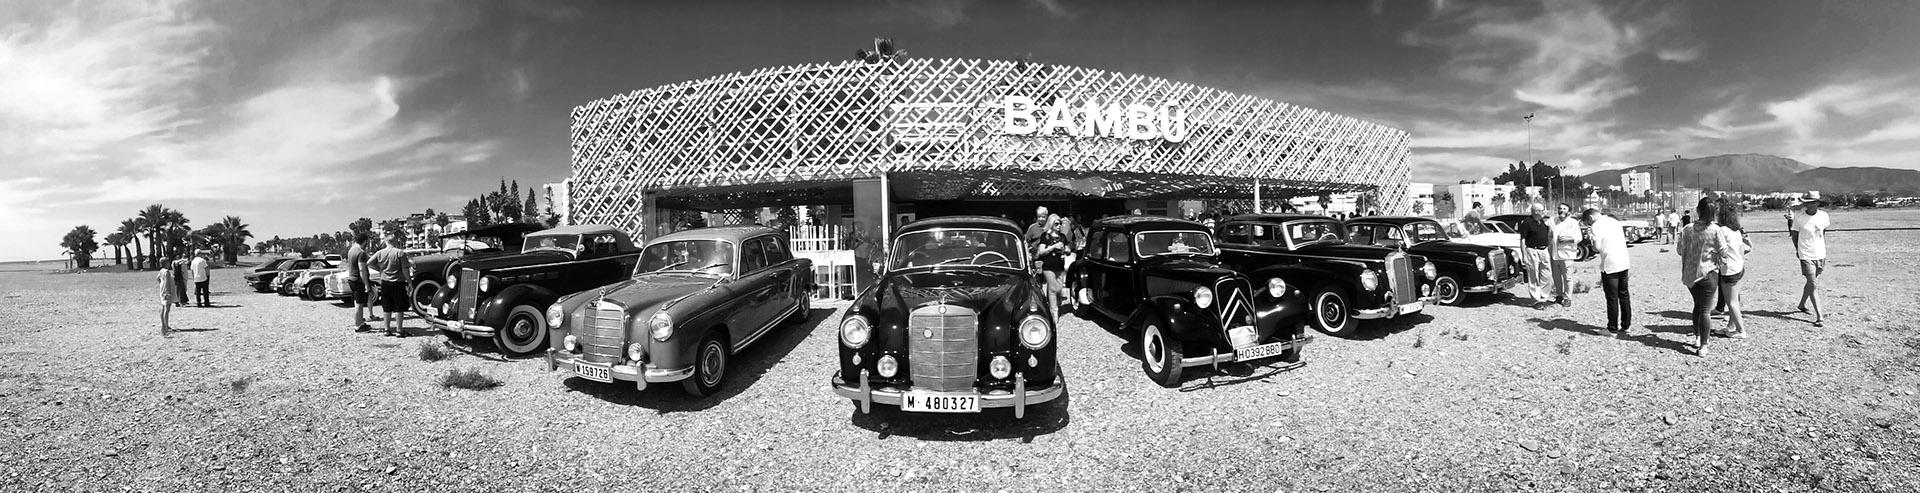 Panoramica de coches antiguos aparcados en el chiringuito Bambú de Motril